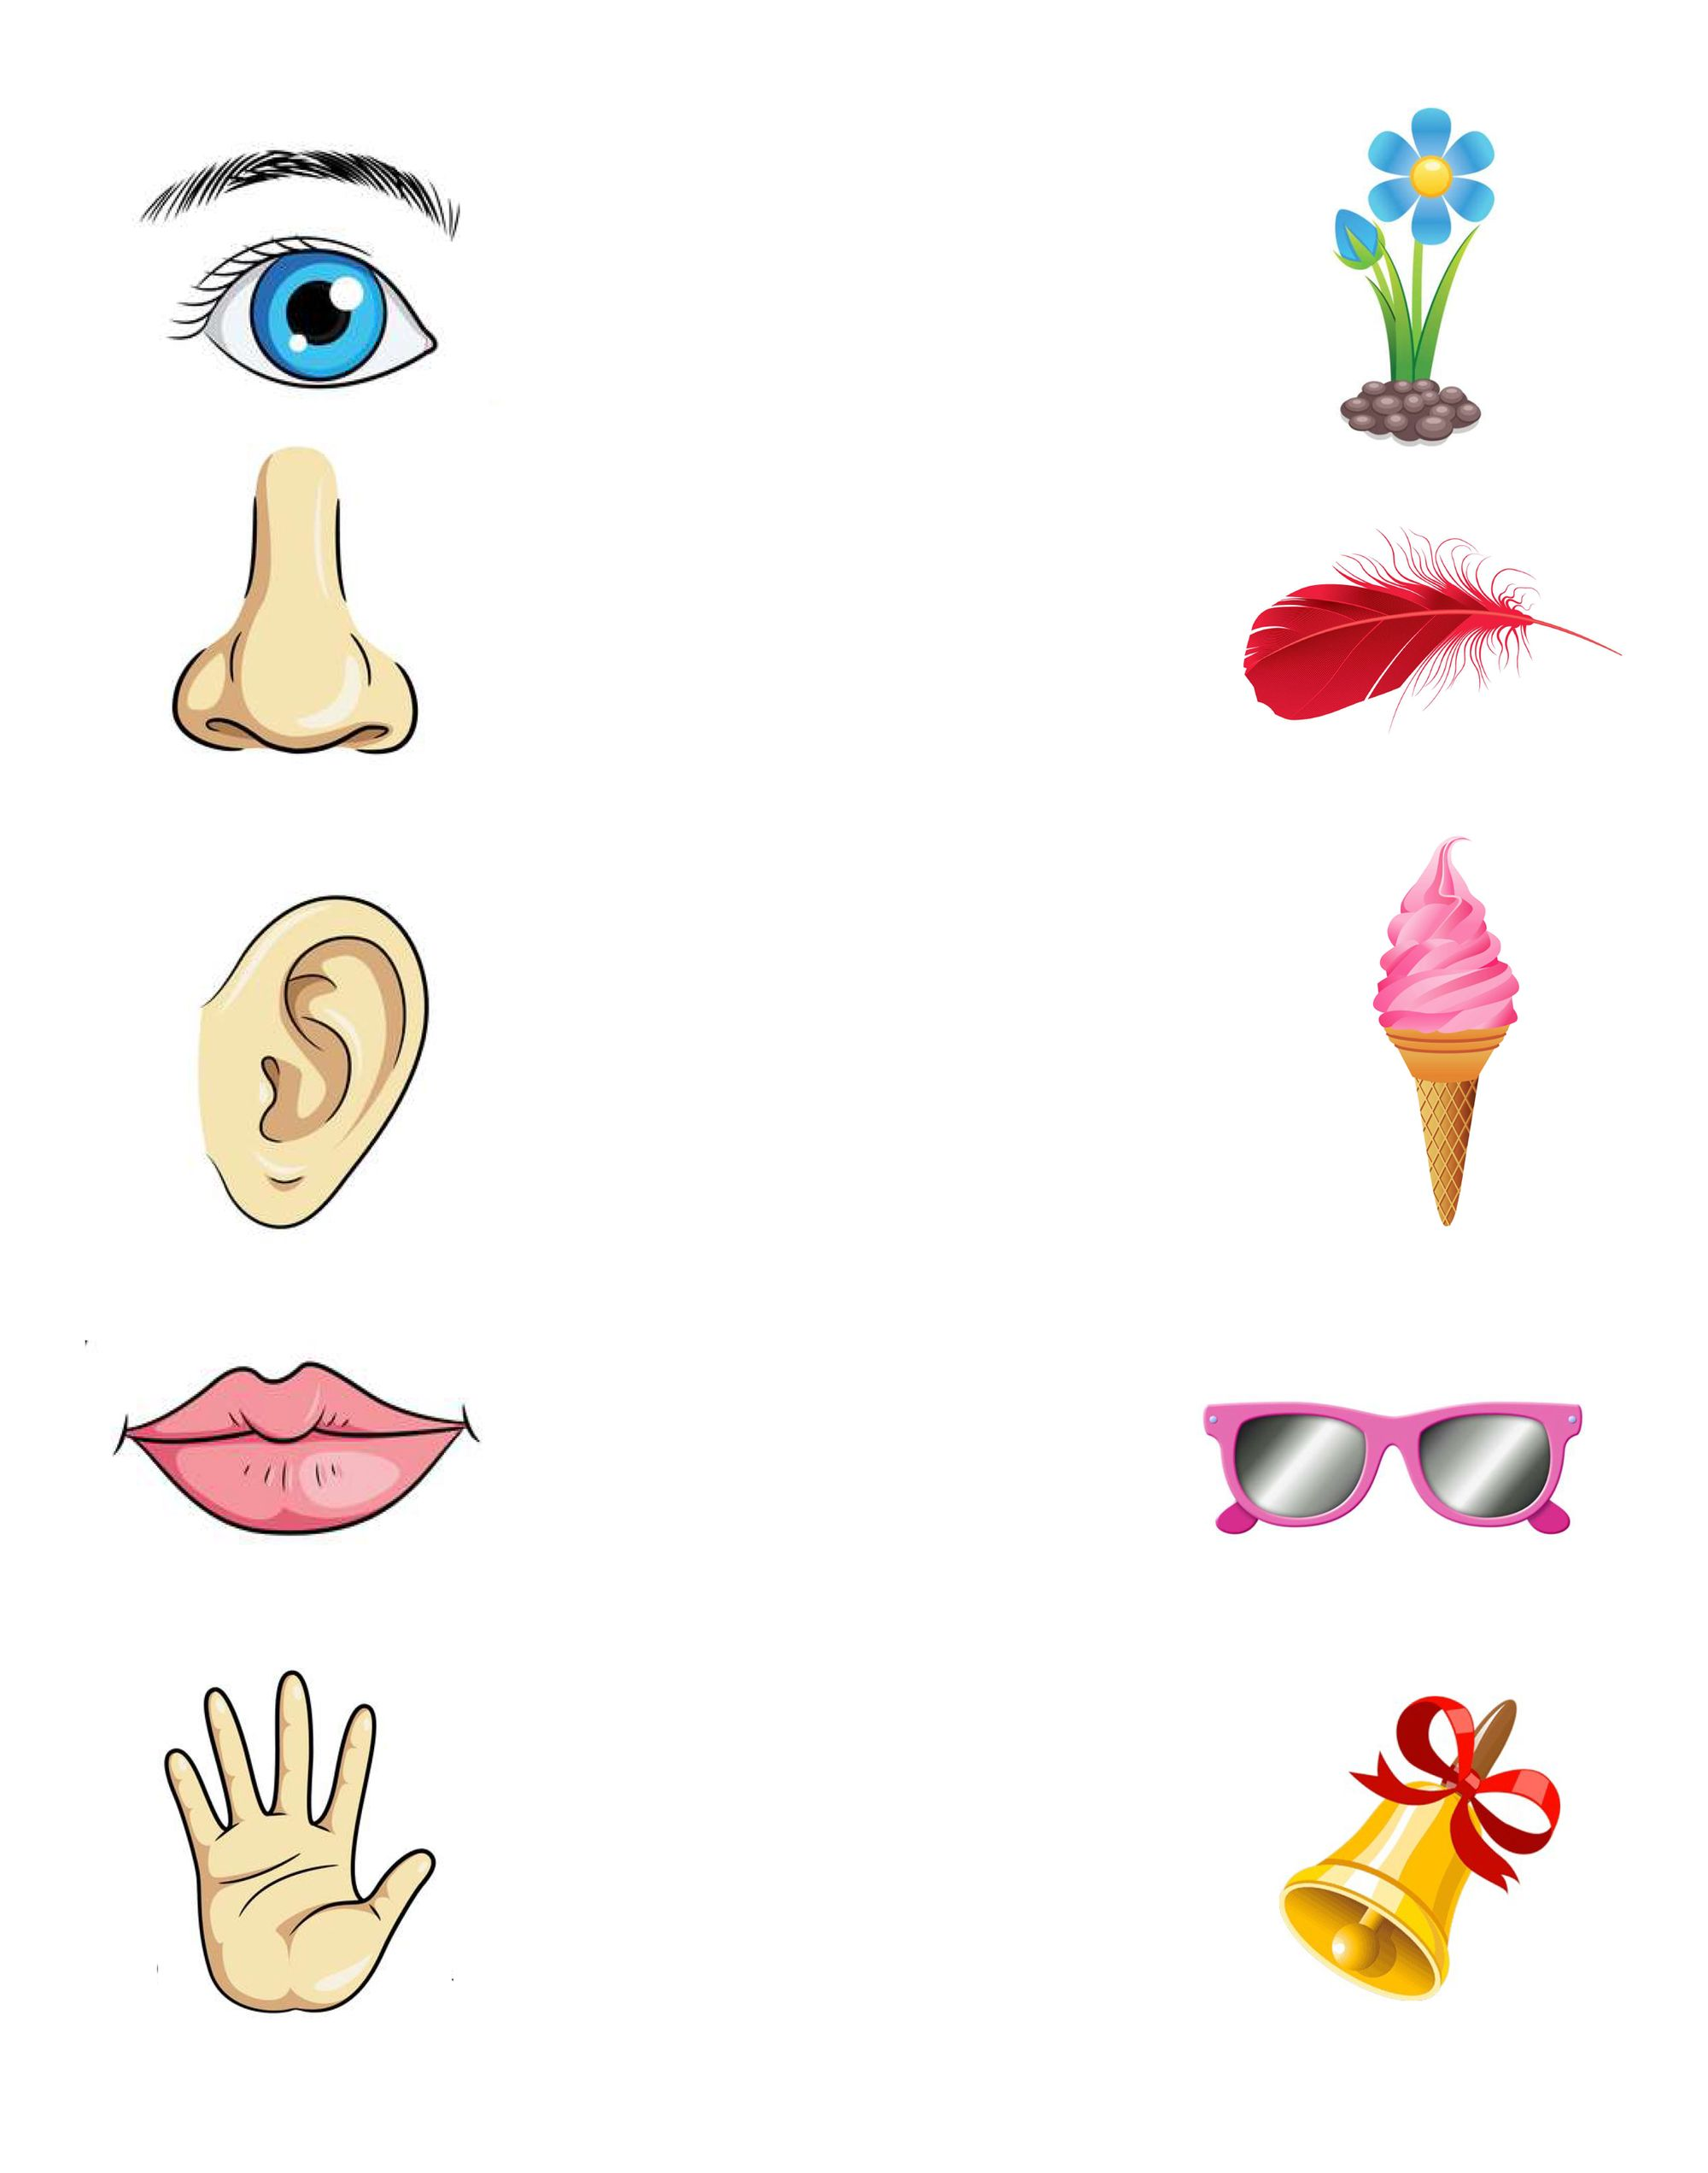 Части тела человека в картинках нос